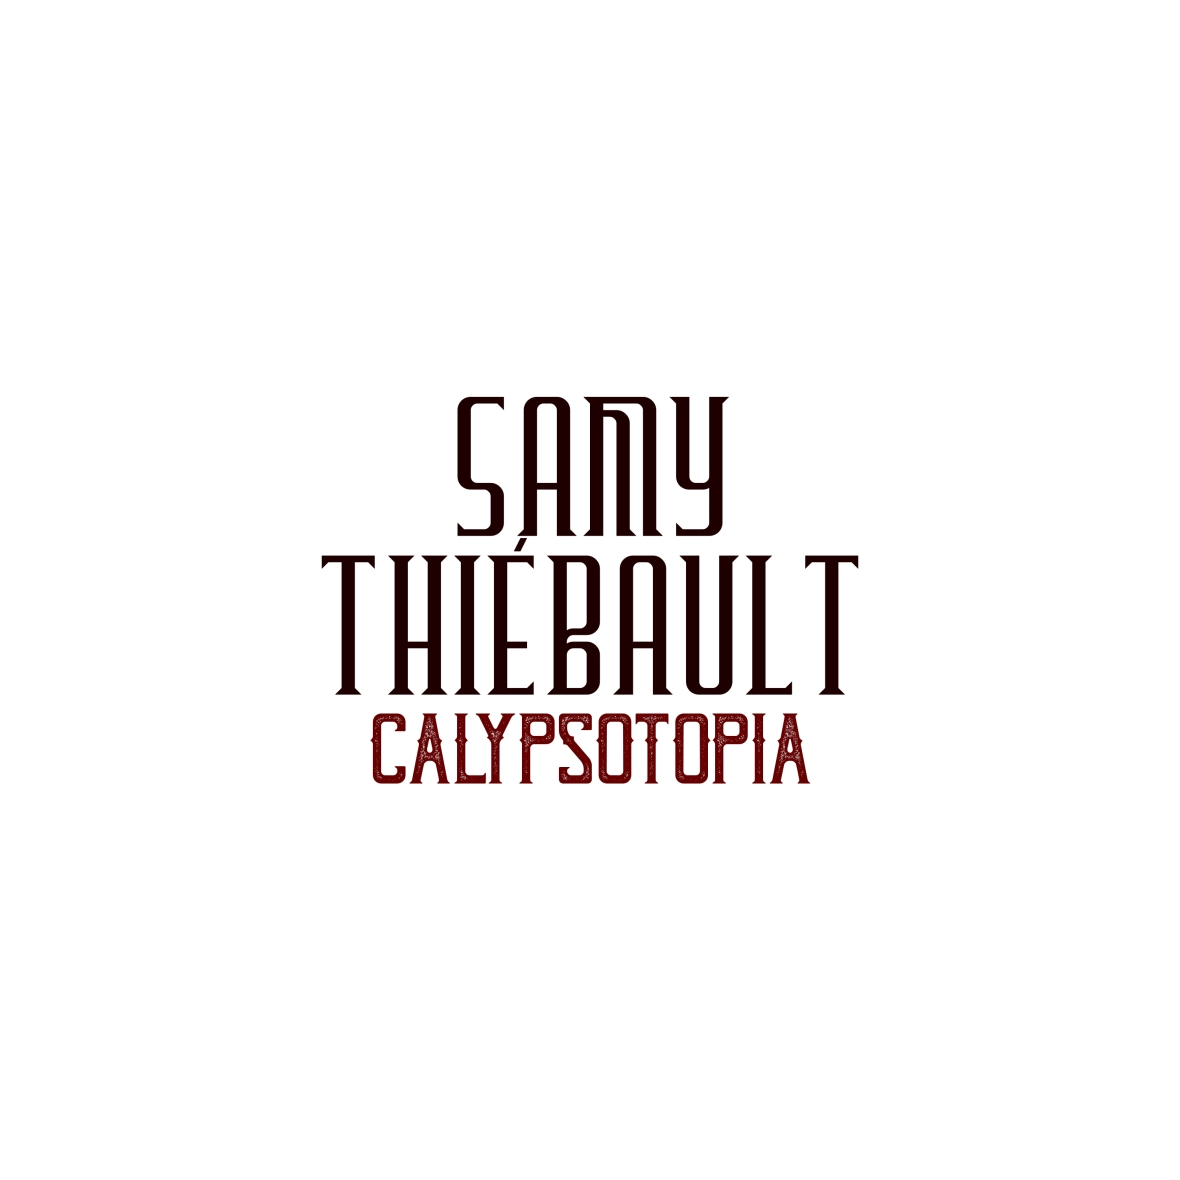 Samy Thiebault - Calypsotopia